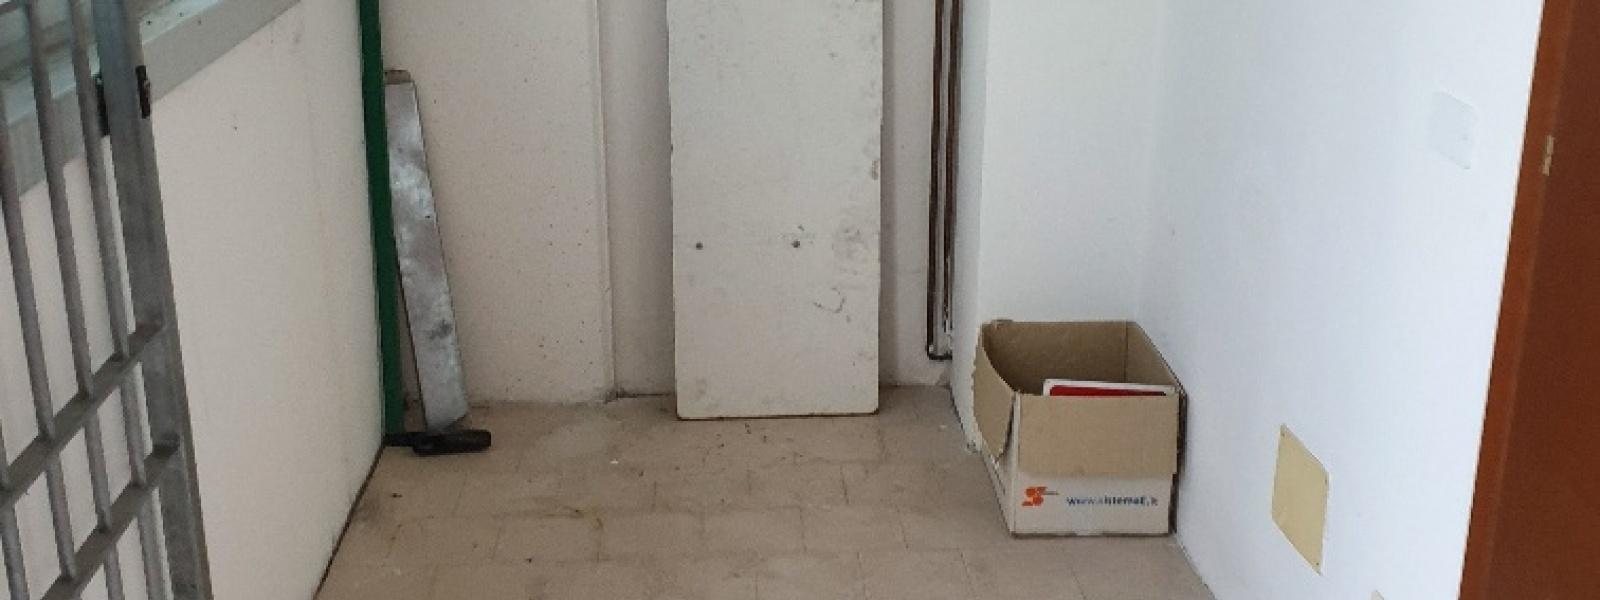 1 Stanza Stanze,1 BagnoBagni,Laboratorio,1540